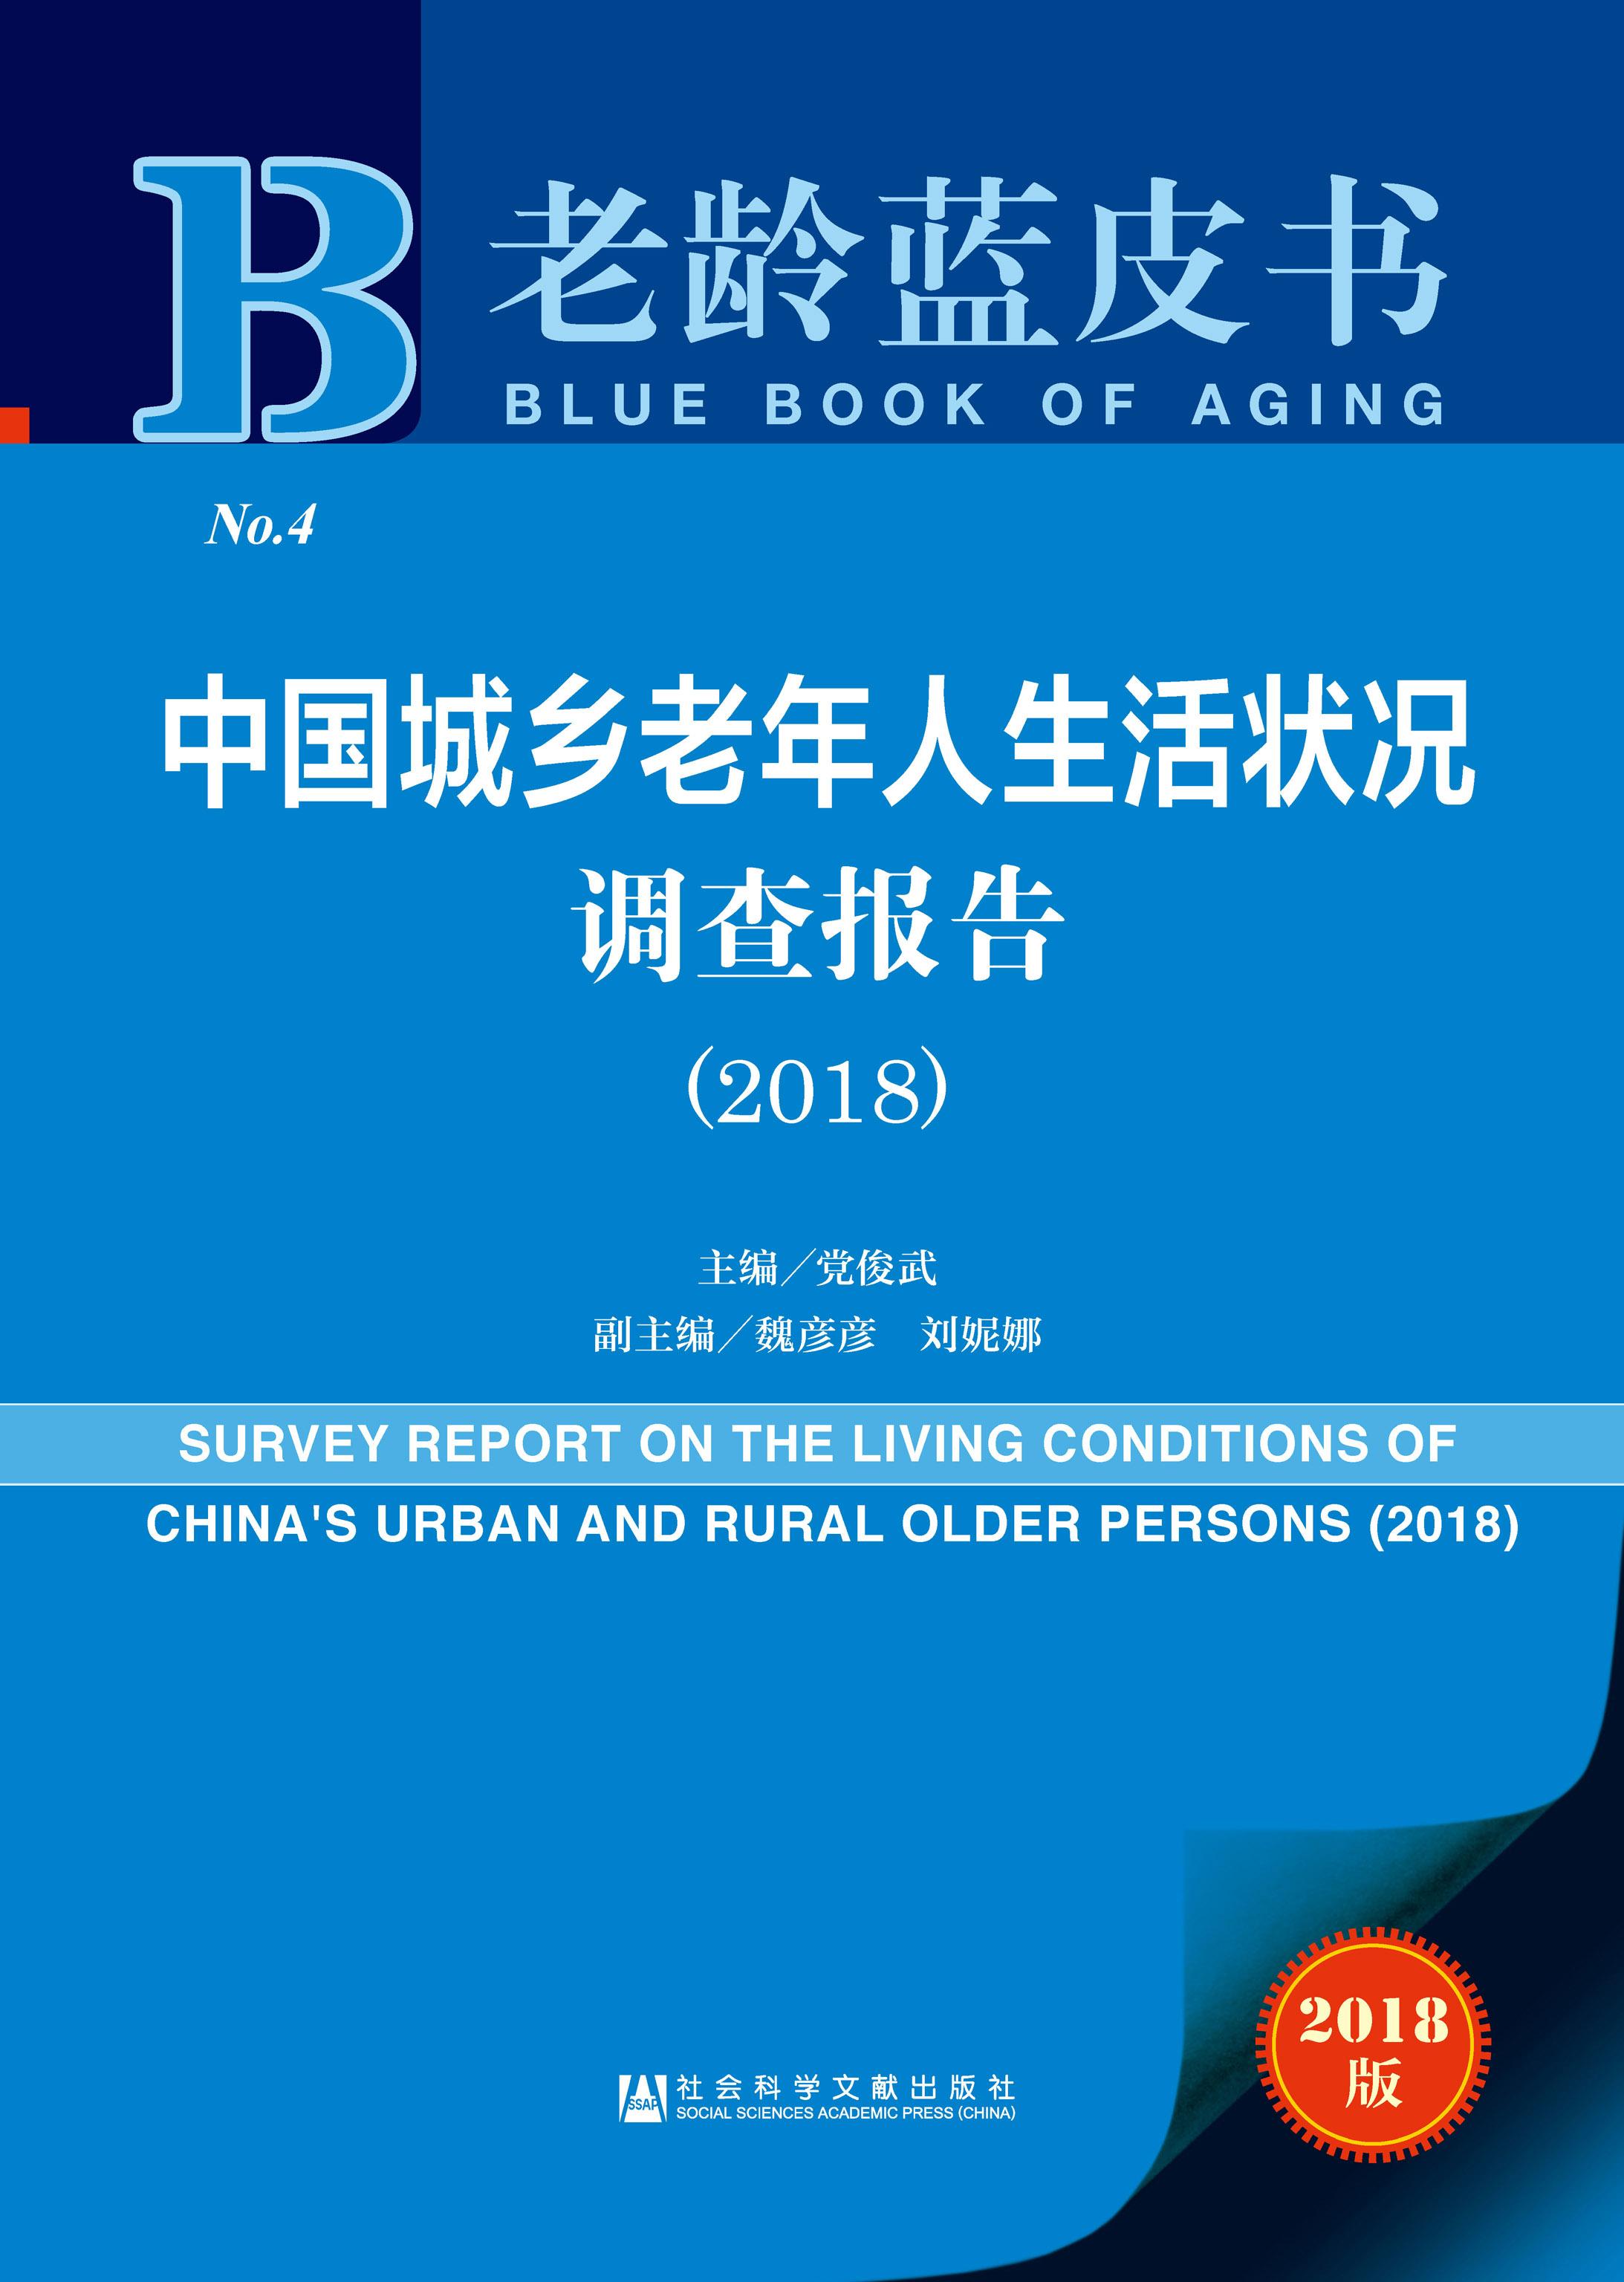 中国城乡老年人生活状况调查报告(2018)